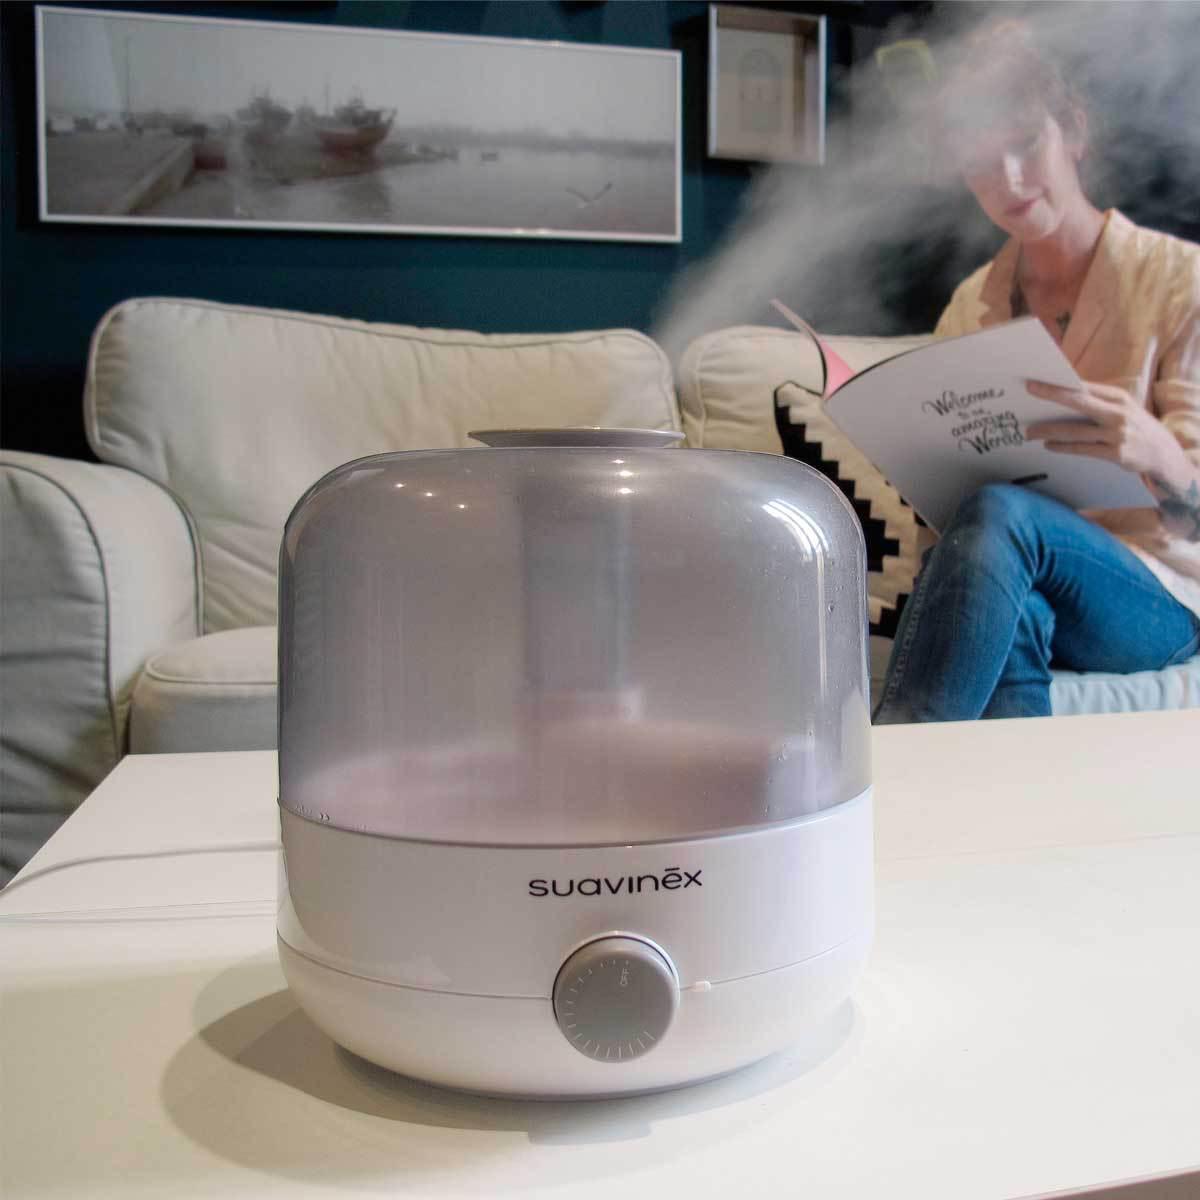 suavinex humidificateur d 39 air ultrasons s curit domestique suavinex sur l 39 armoire de b b. Black Bedroom Furniture Sets. Home Design Ideas